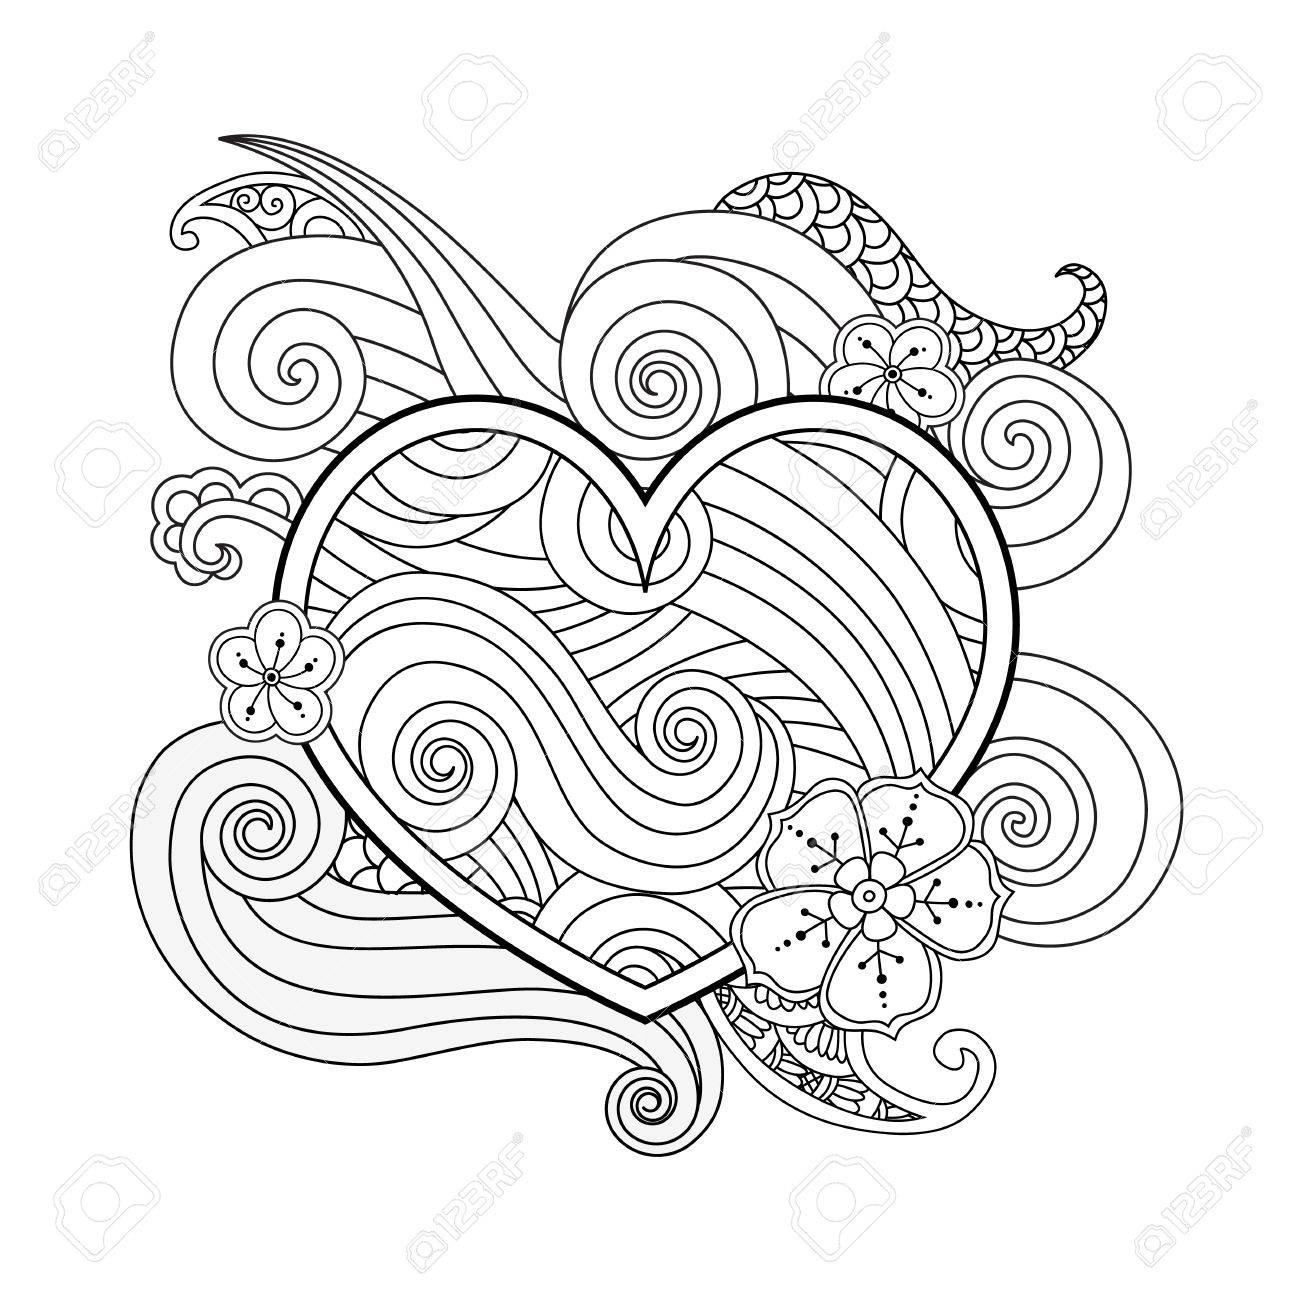 Coloriage Adulte A Imprimer Abstrait.Coloriage Avec Coeur Et Element Abstrait Isole Happy Valentines Graphic Pour Imprimer Carte Composition Carree Livre A Colorier Pour Les Enfants